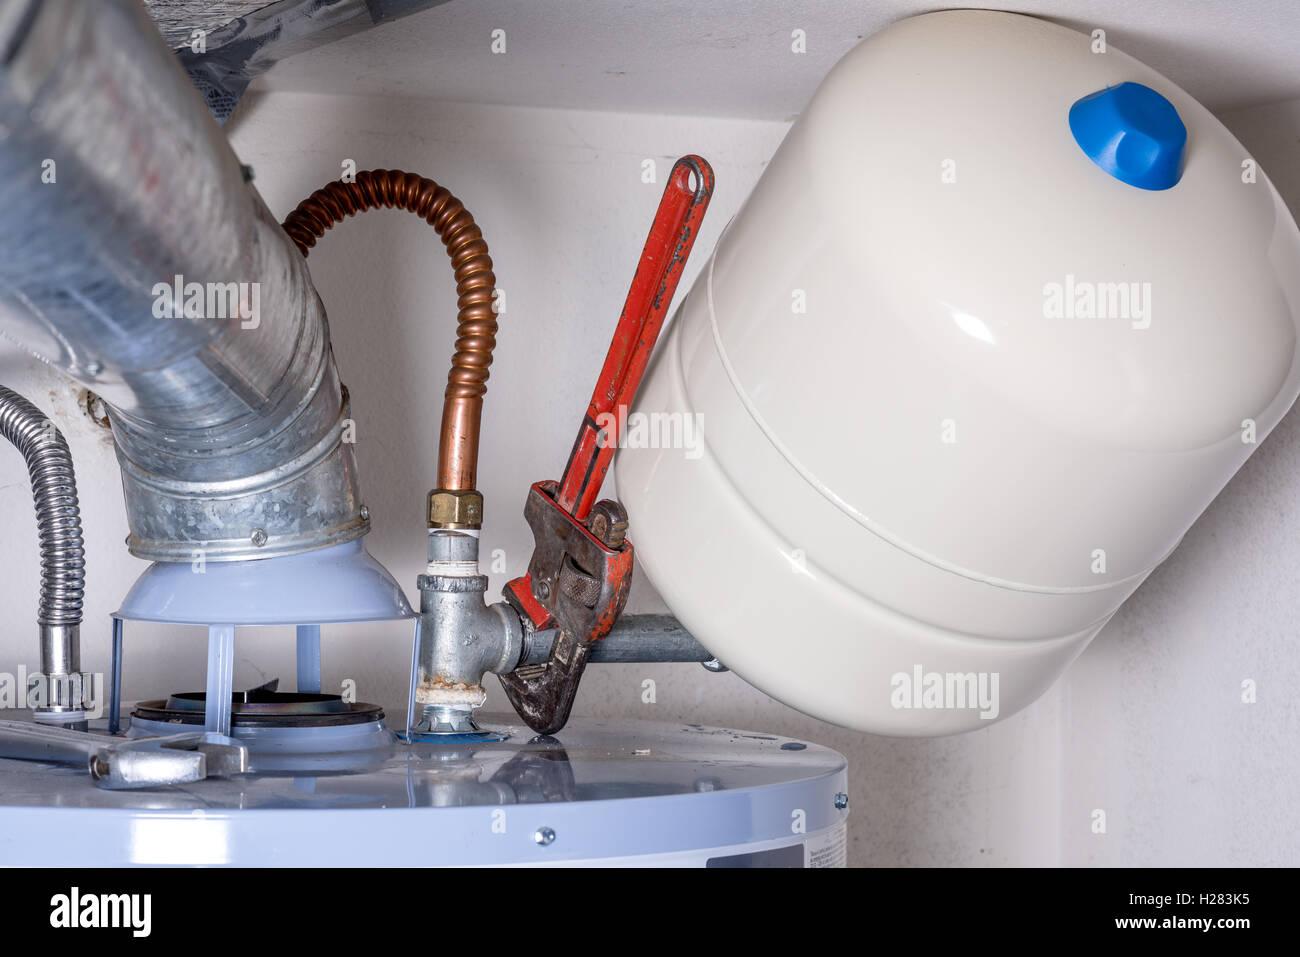 Erfreut Warmwasser Tank Zentralheizung Bilder - Schaltplan Serie ...